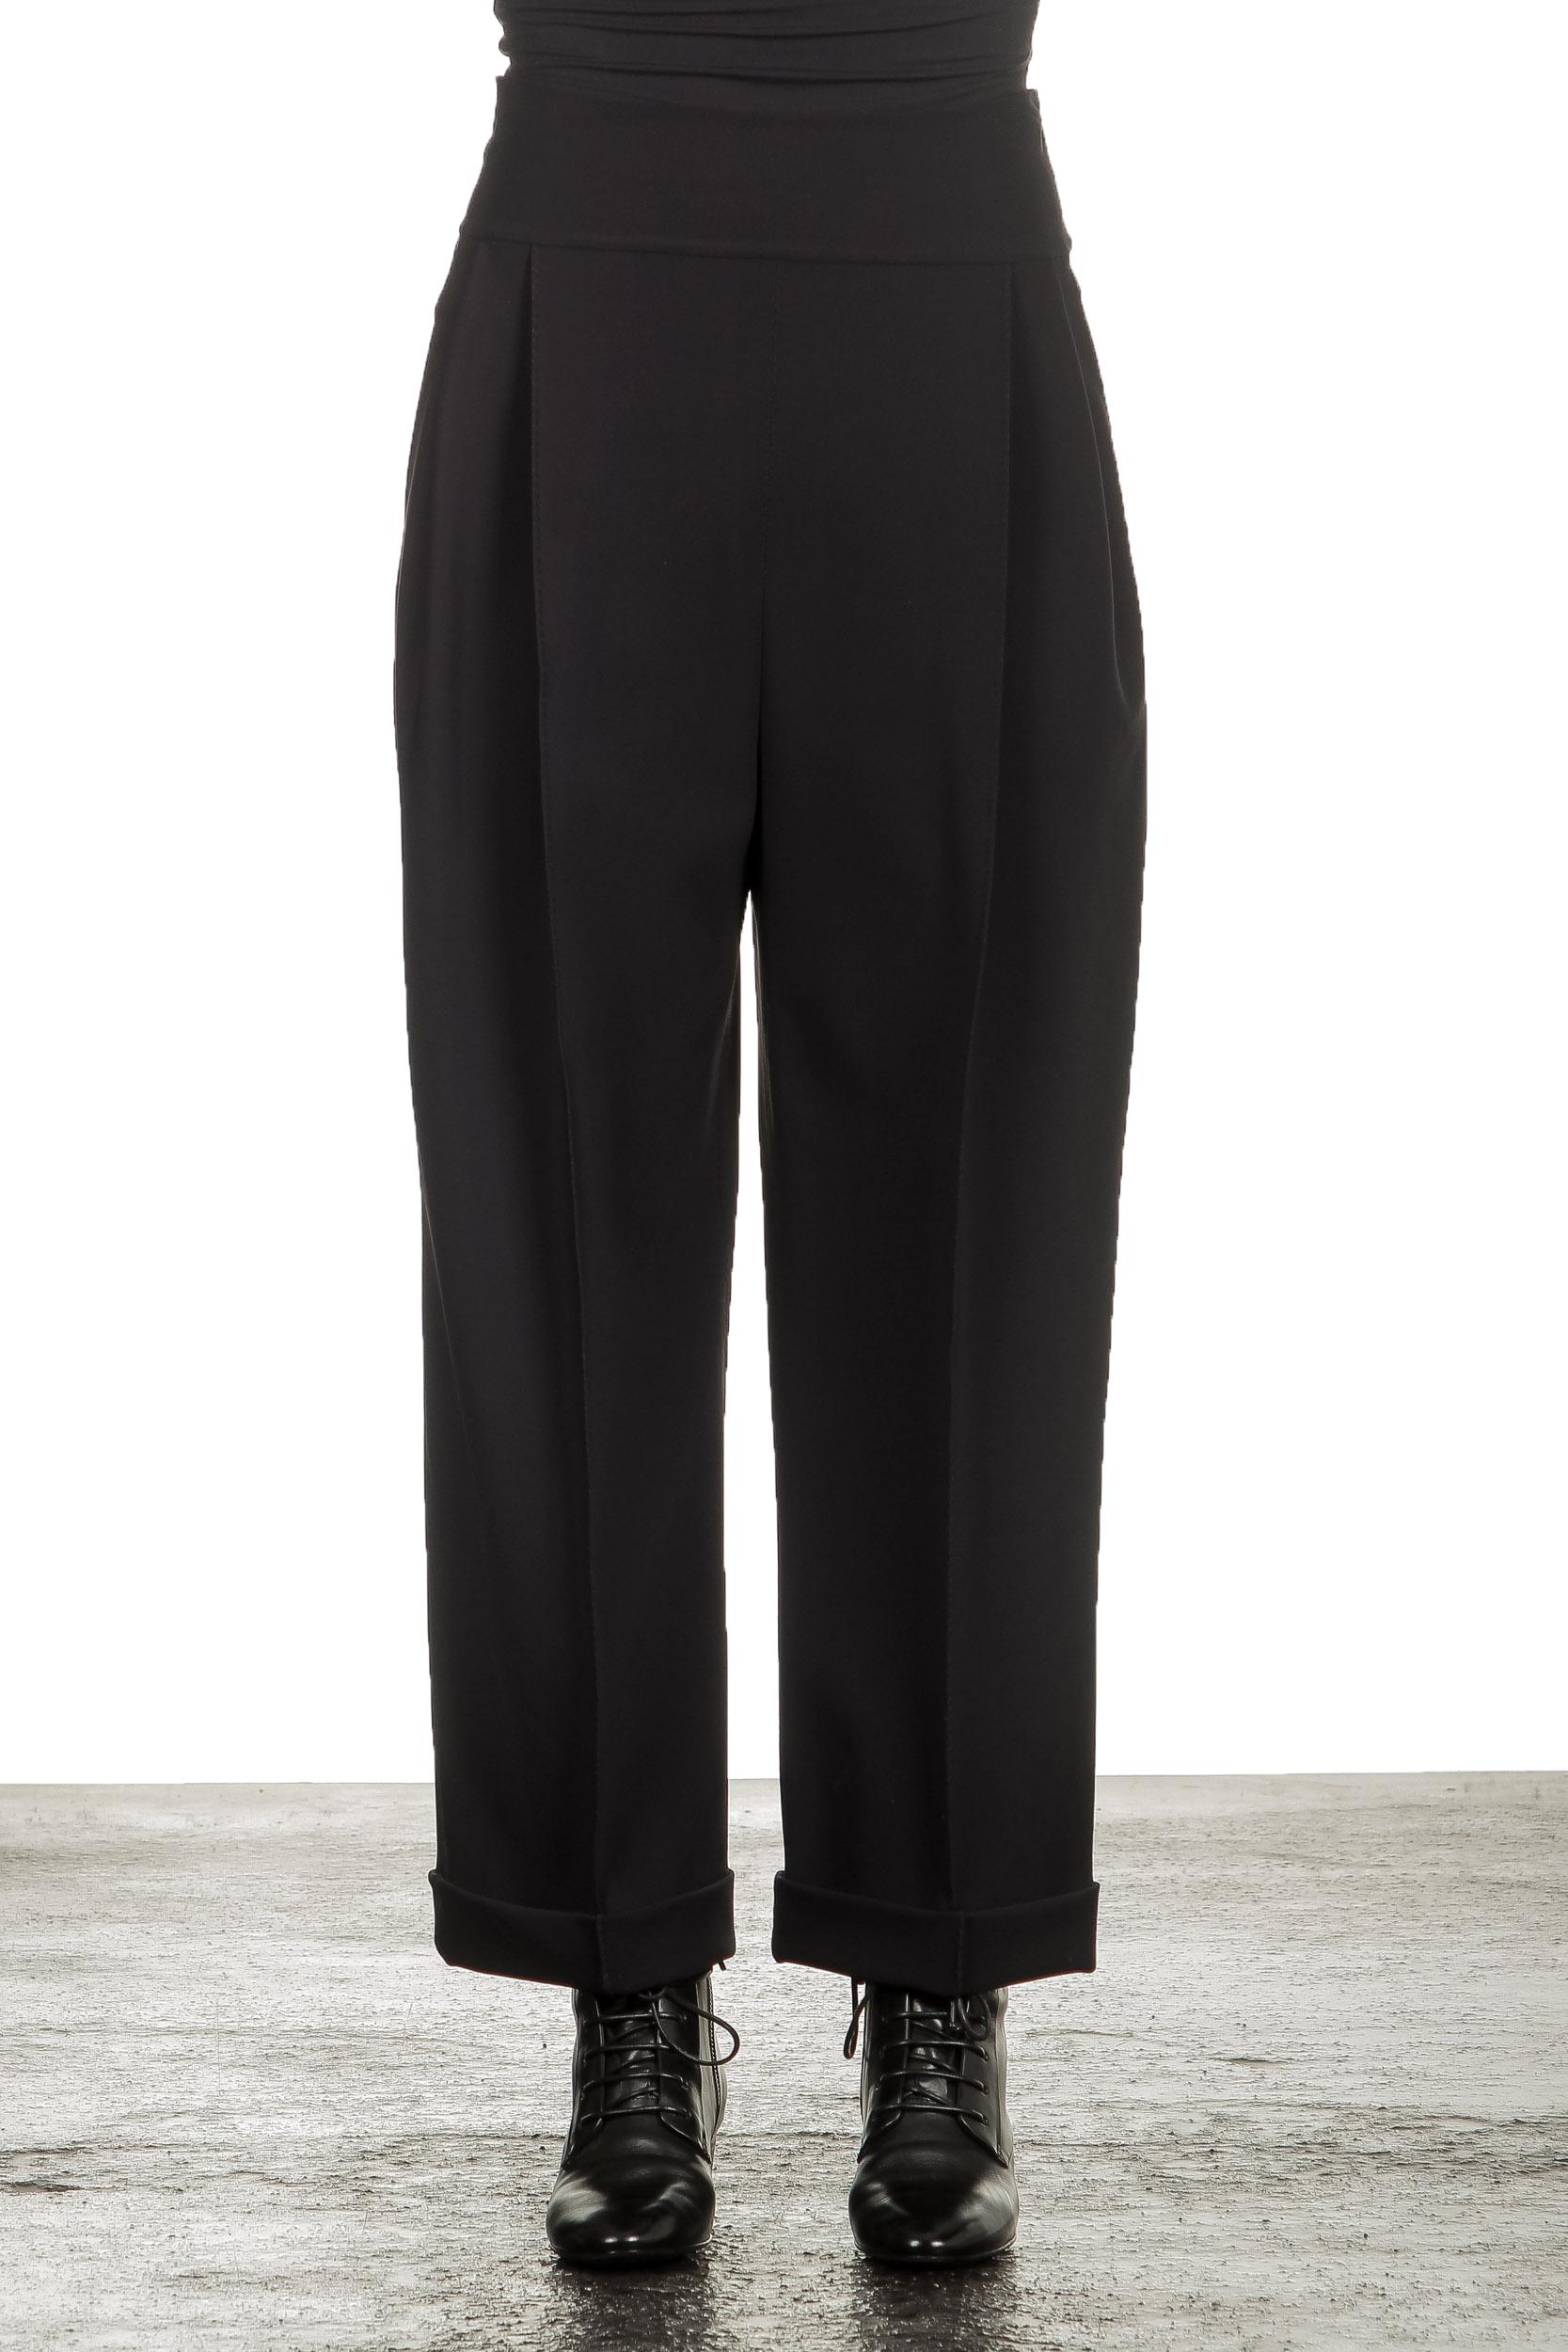 Hosen - Schella Kann 2 Damen 7 8 Hose mit Bundfalten schwarz  - Onlineshop Luxury Loft